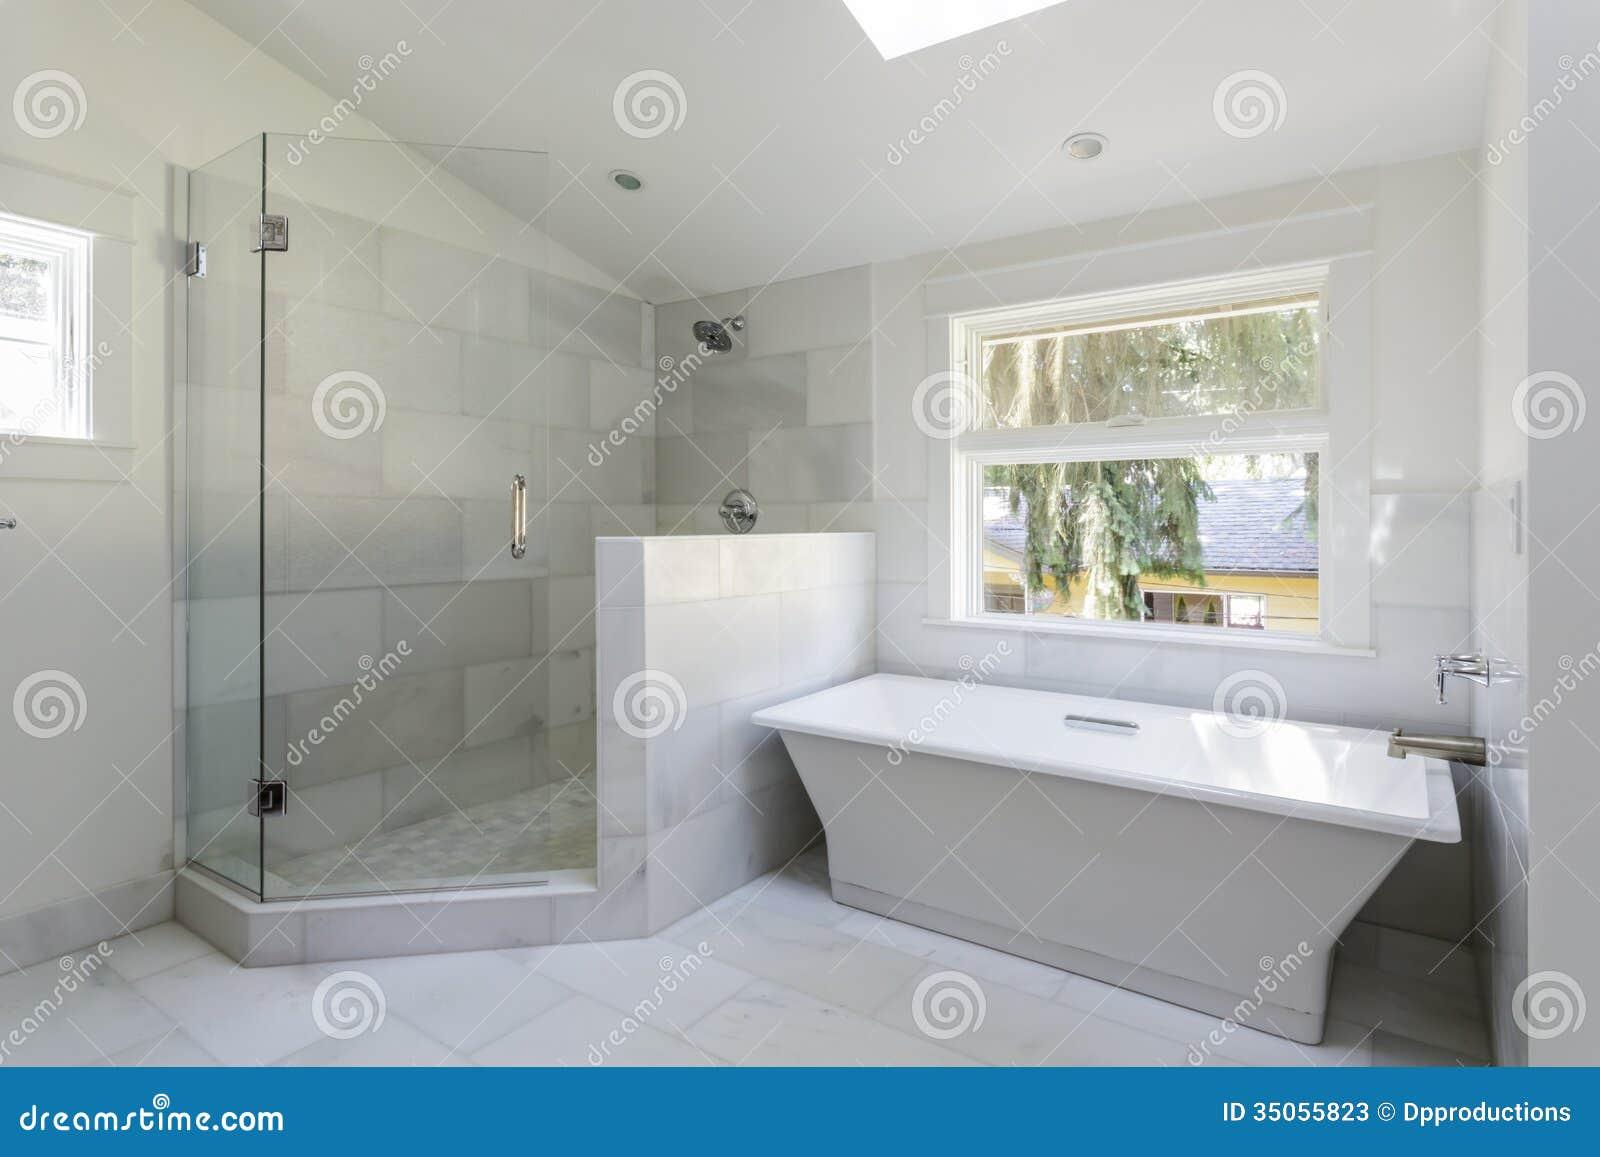 Salle de bains moderne avec la douche et la baignoire for Salle de bain douche et baignoire moderne